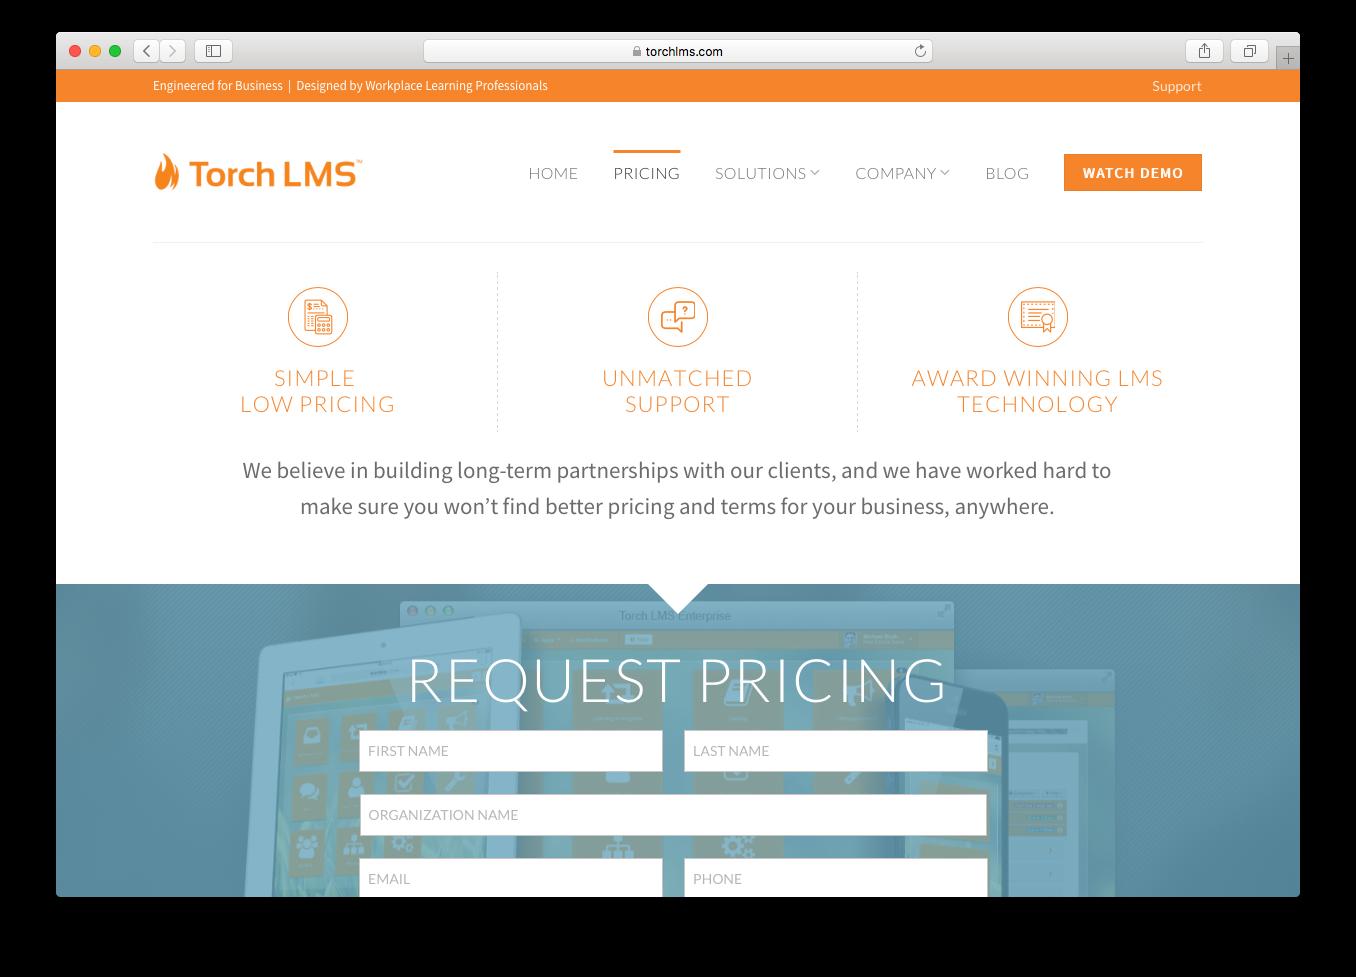 Torch LMS pricing webpage screenshot